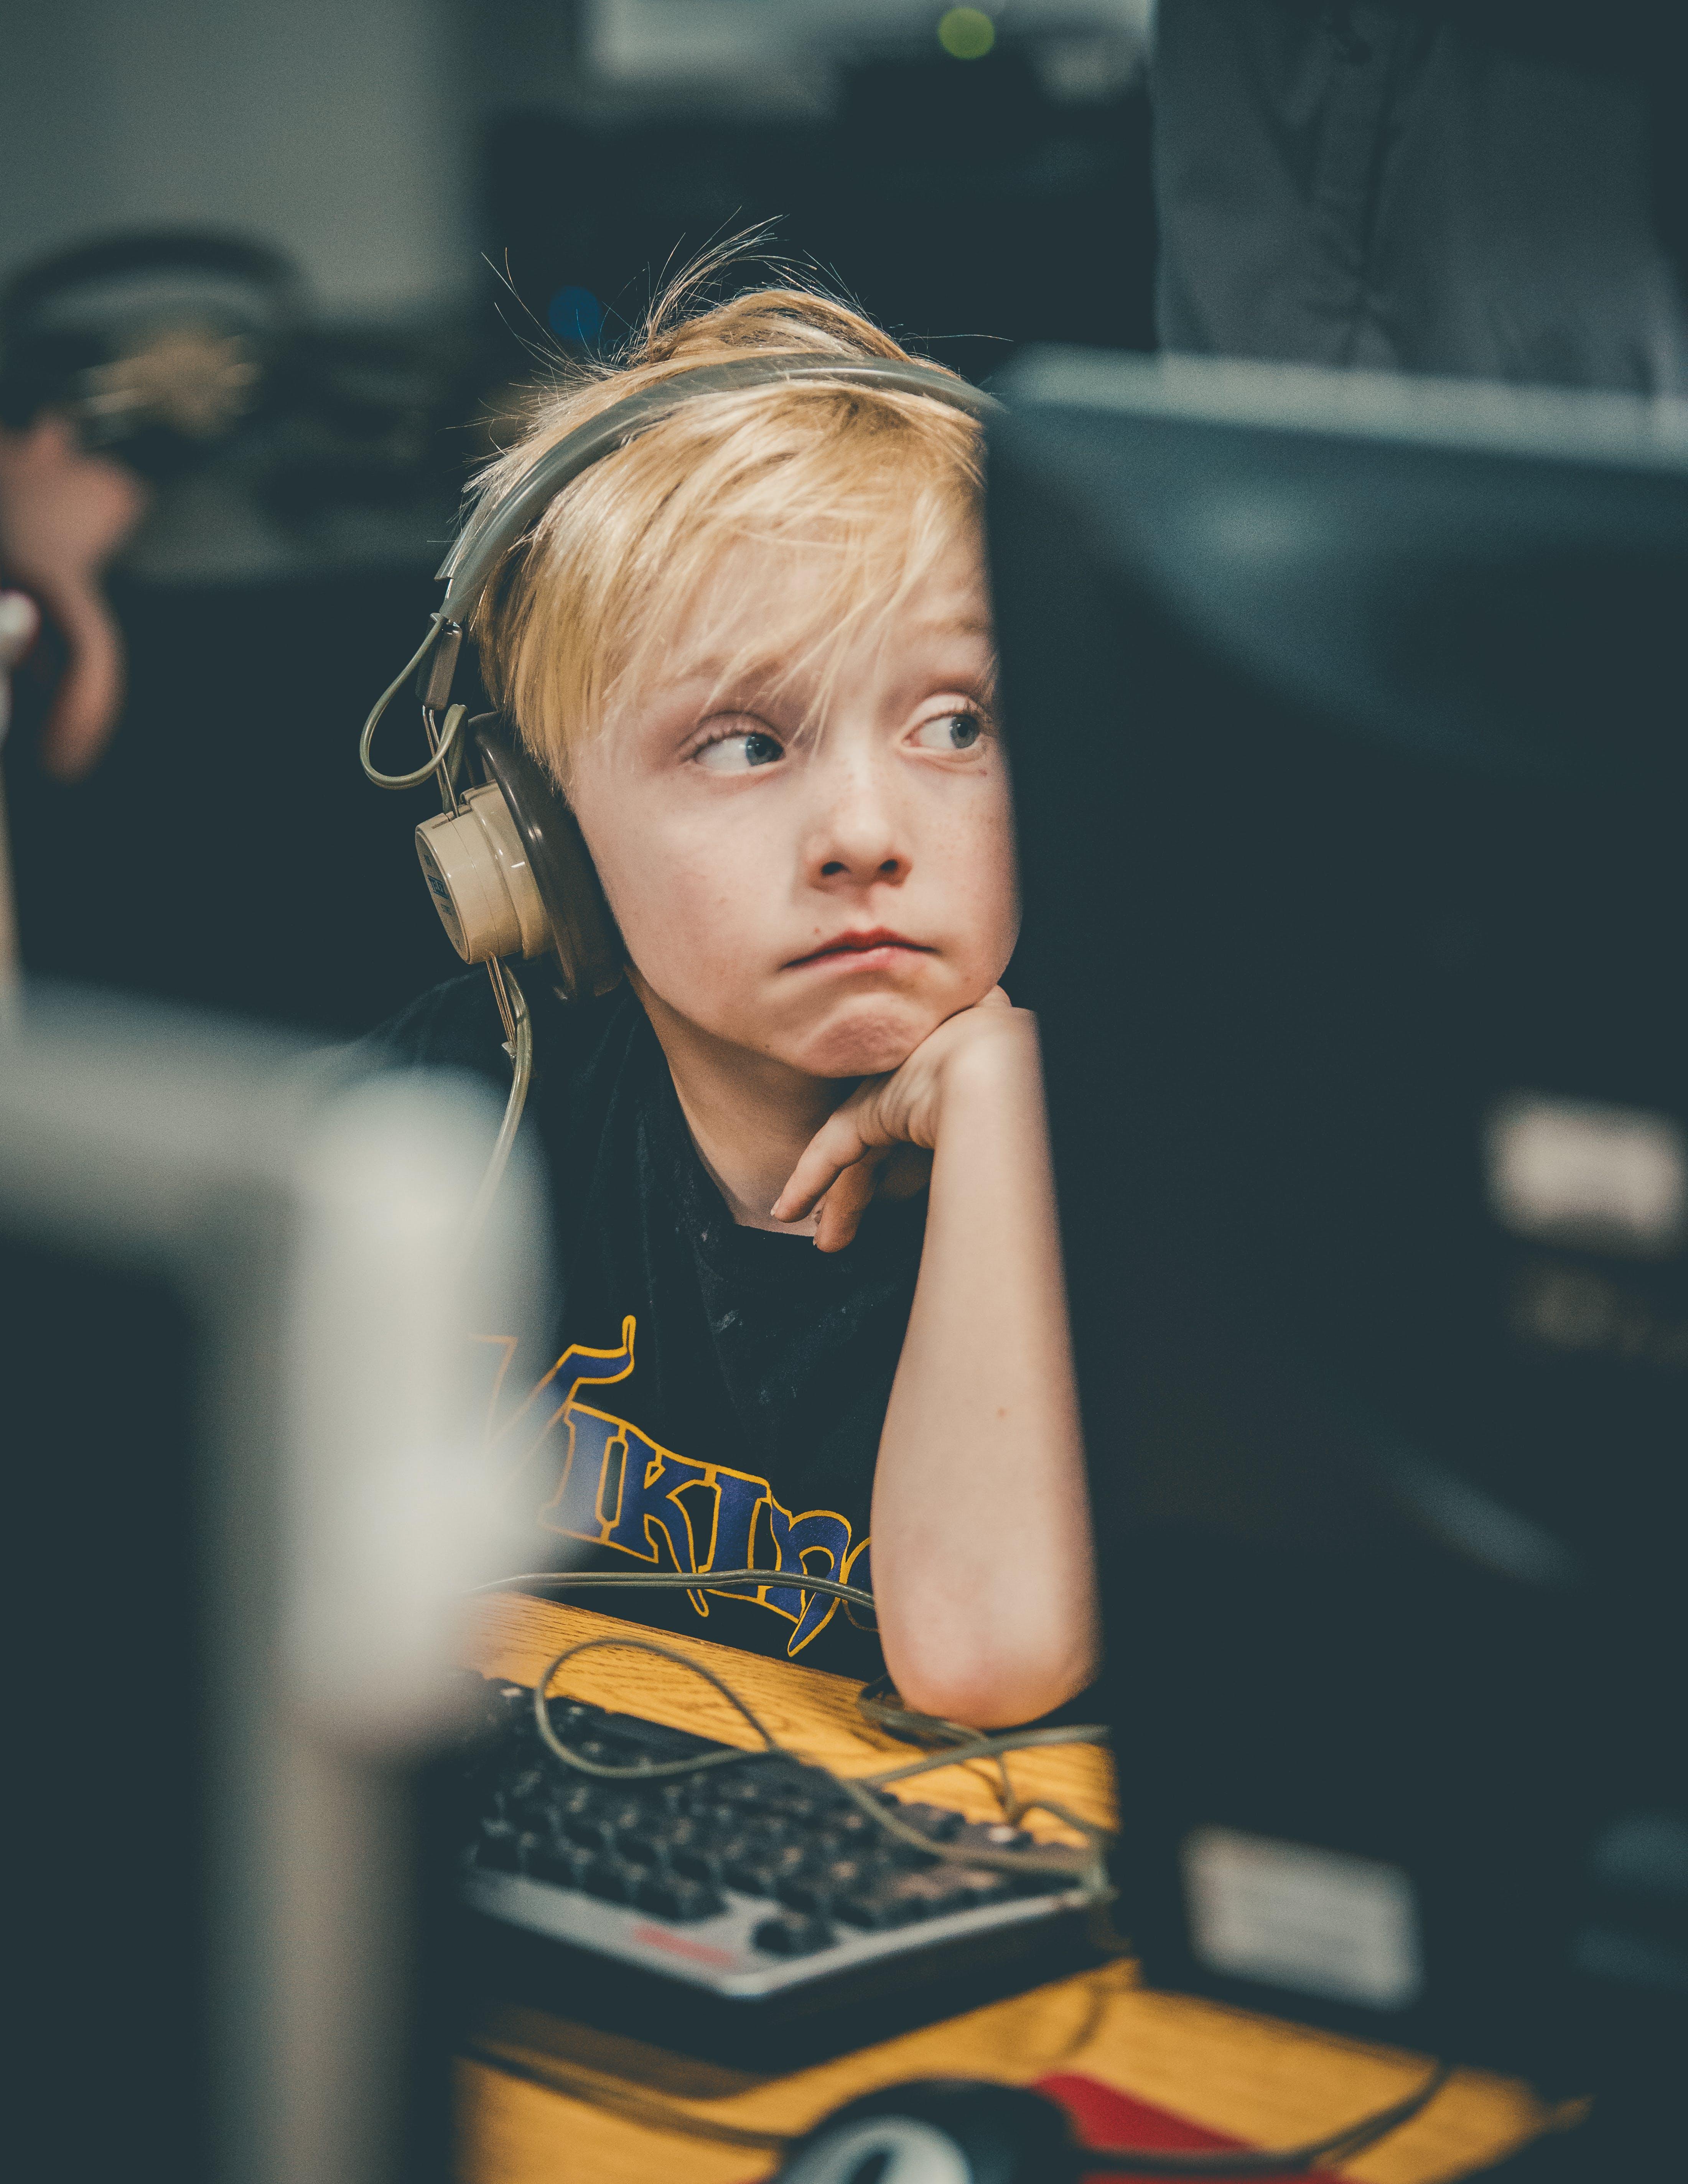 Kostenloses Stock Foto zu blond, computer, fokus, grundschule